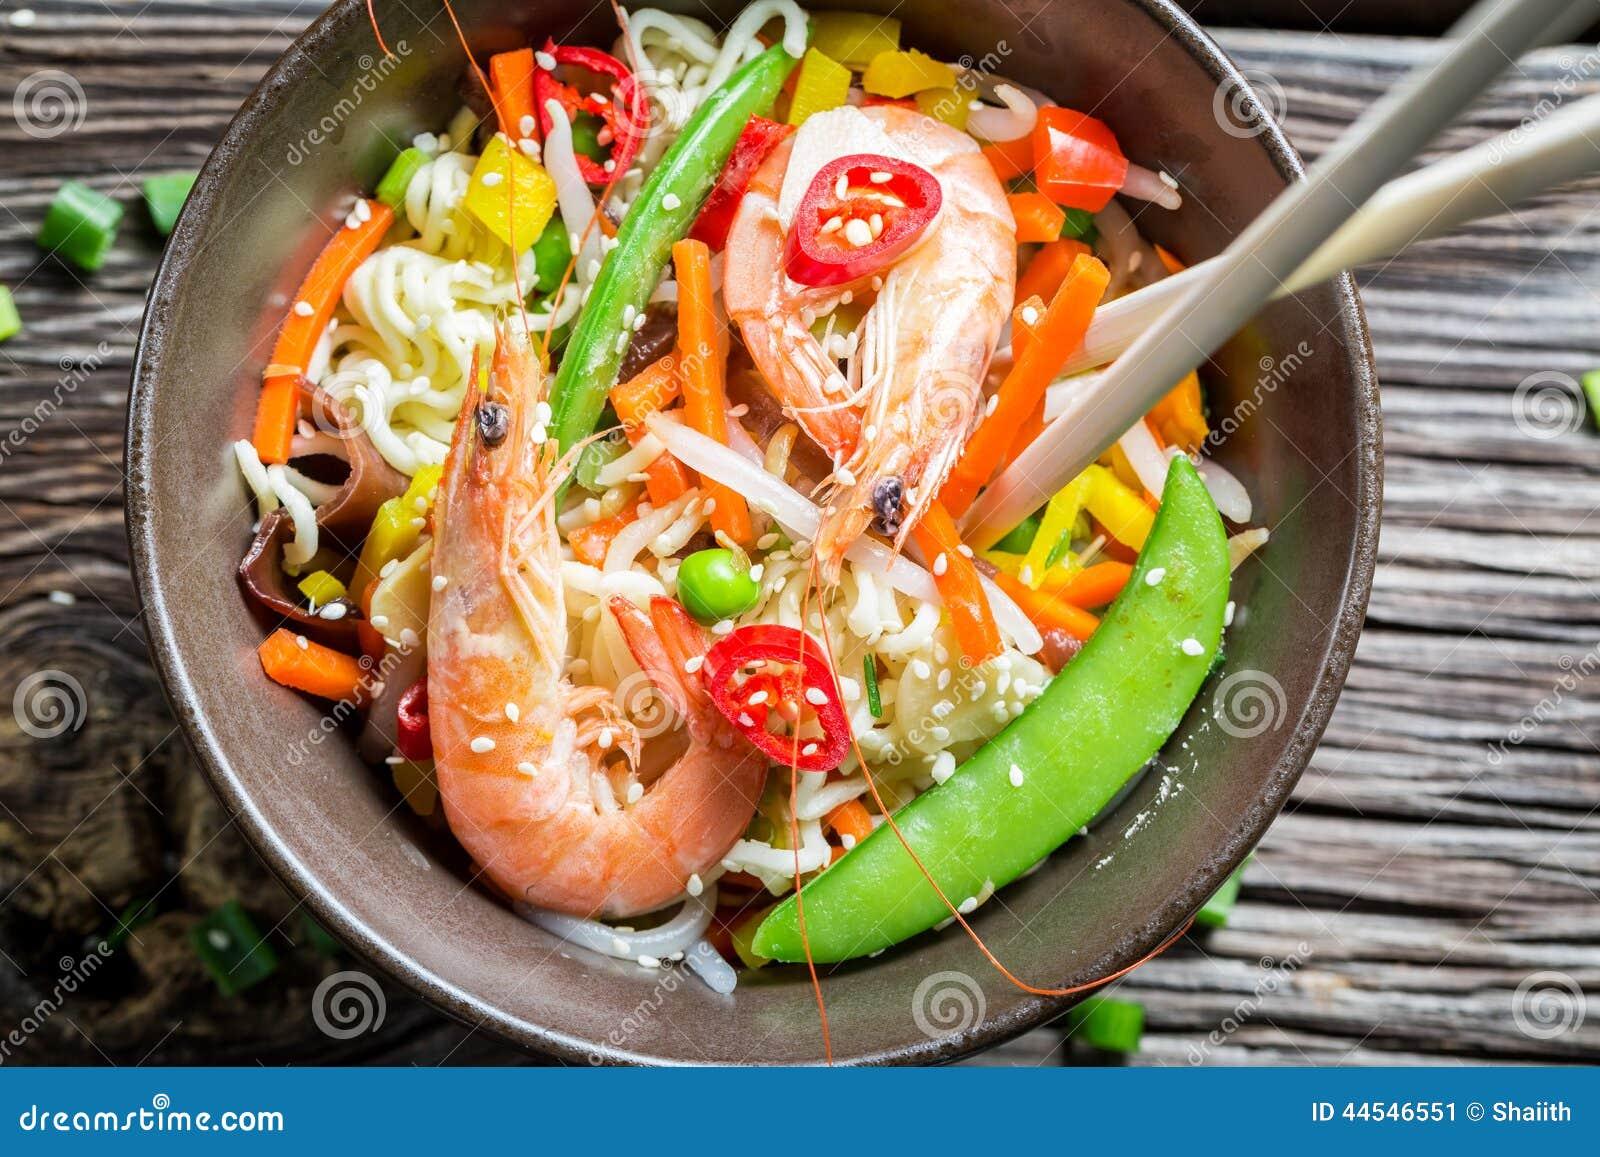 中国面条,菜和大虾图片